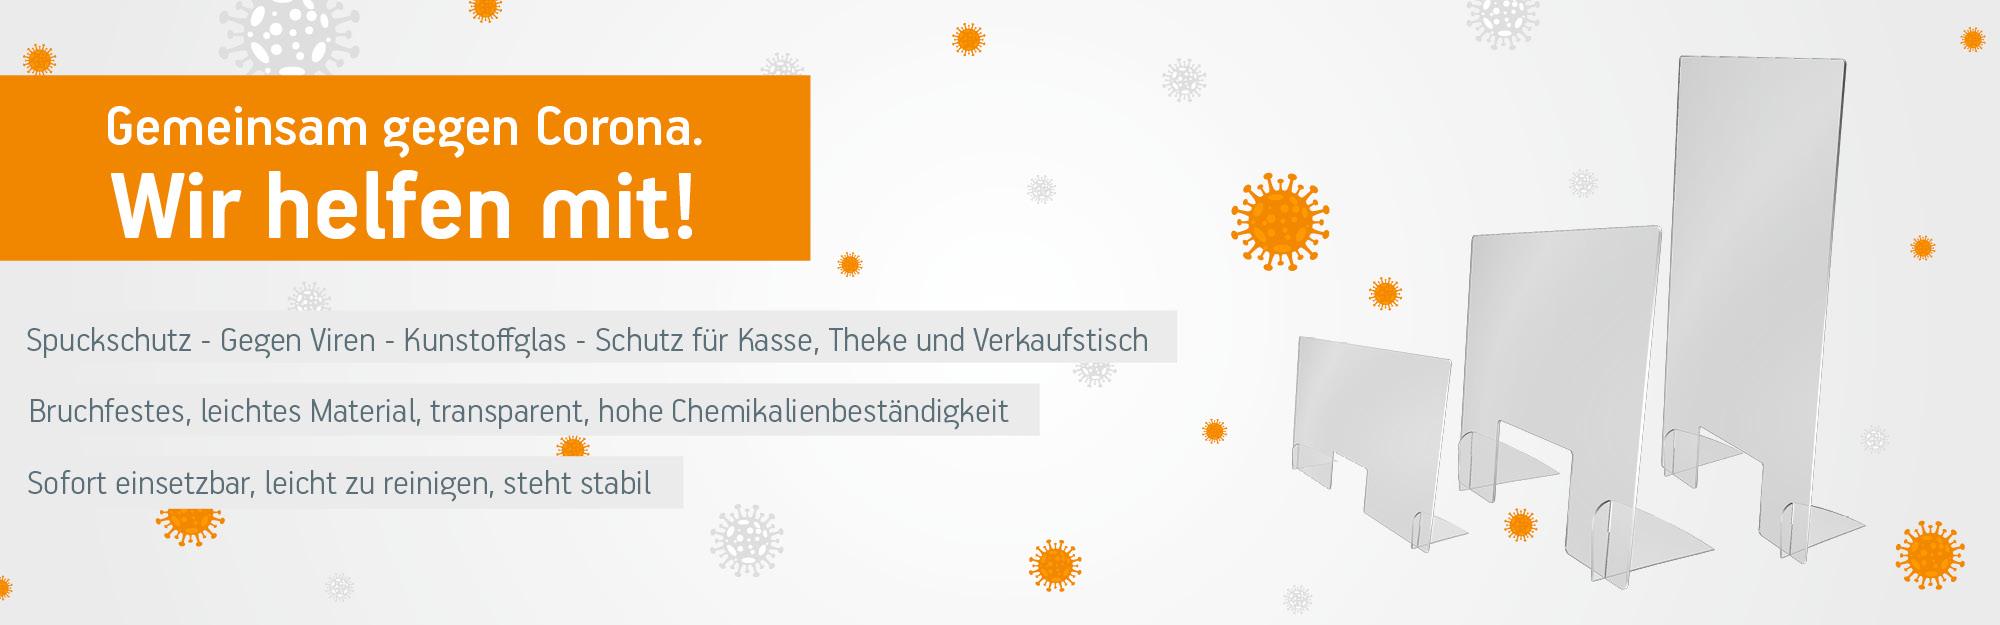 Spuckschutz-Thekenaufsatz_960x300